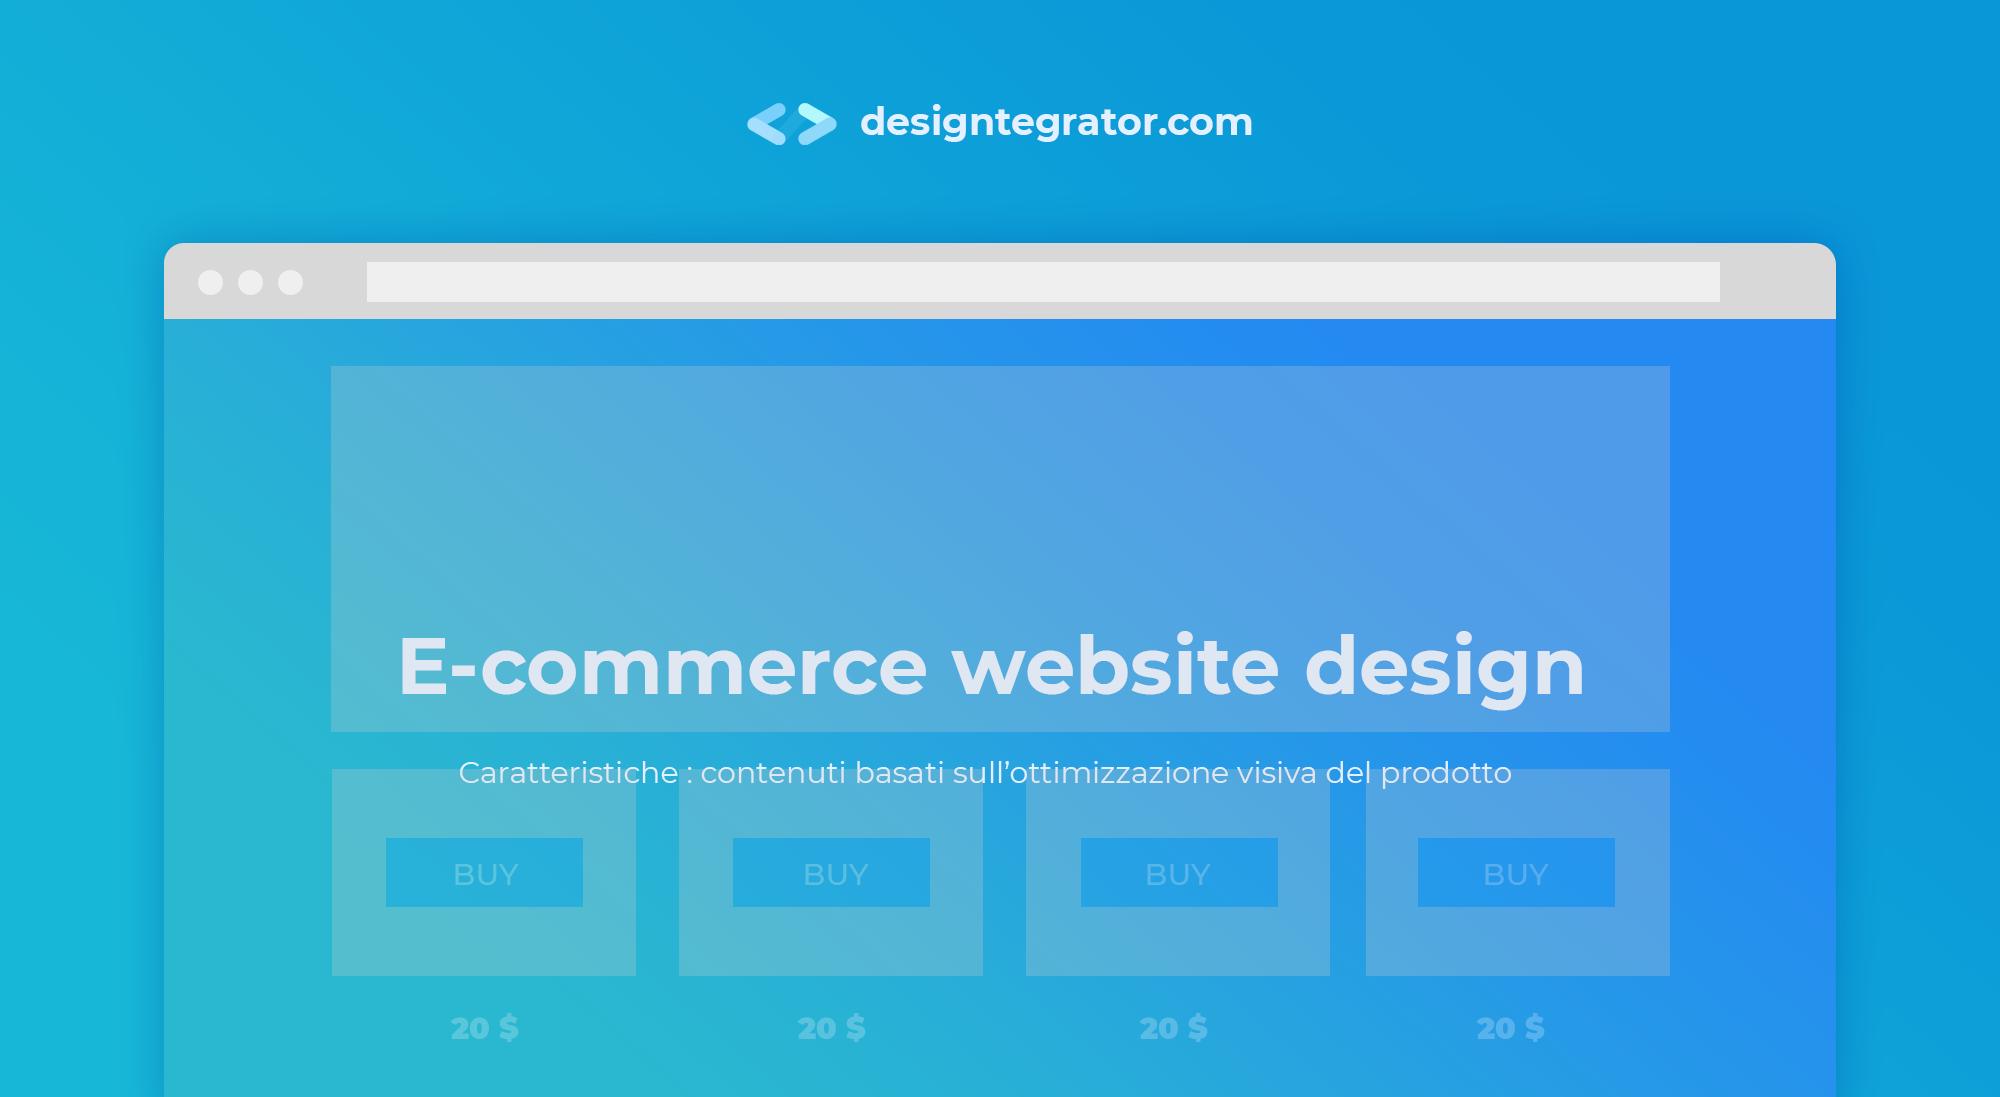 creare un sito web - stile e-commerce